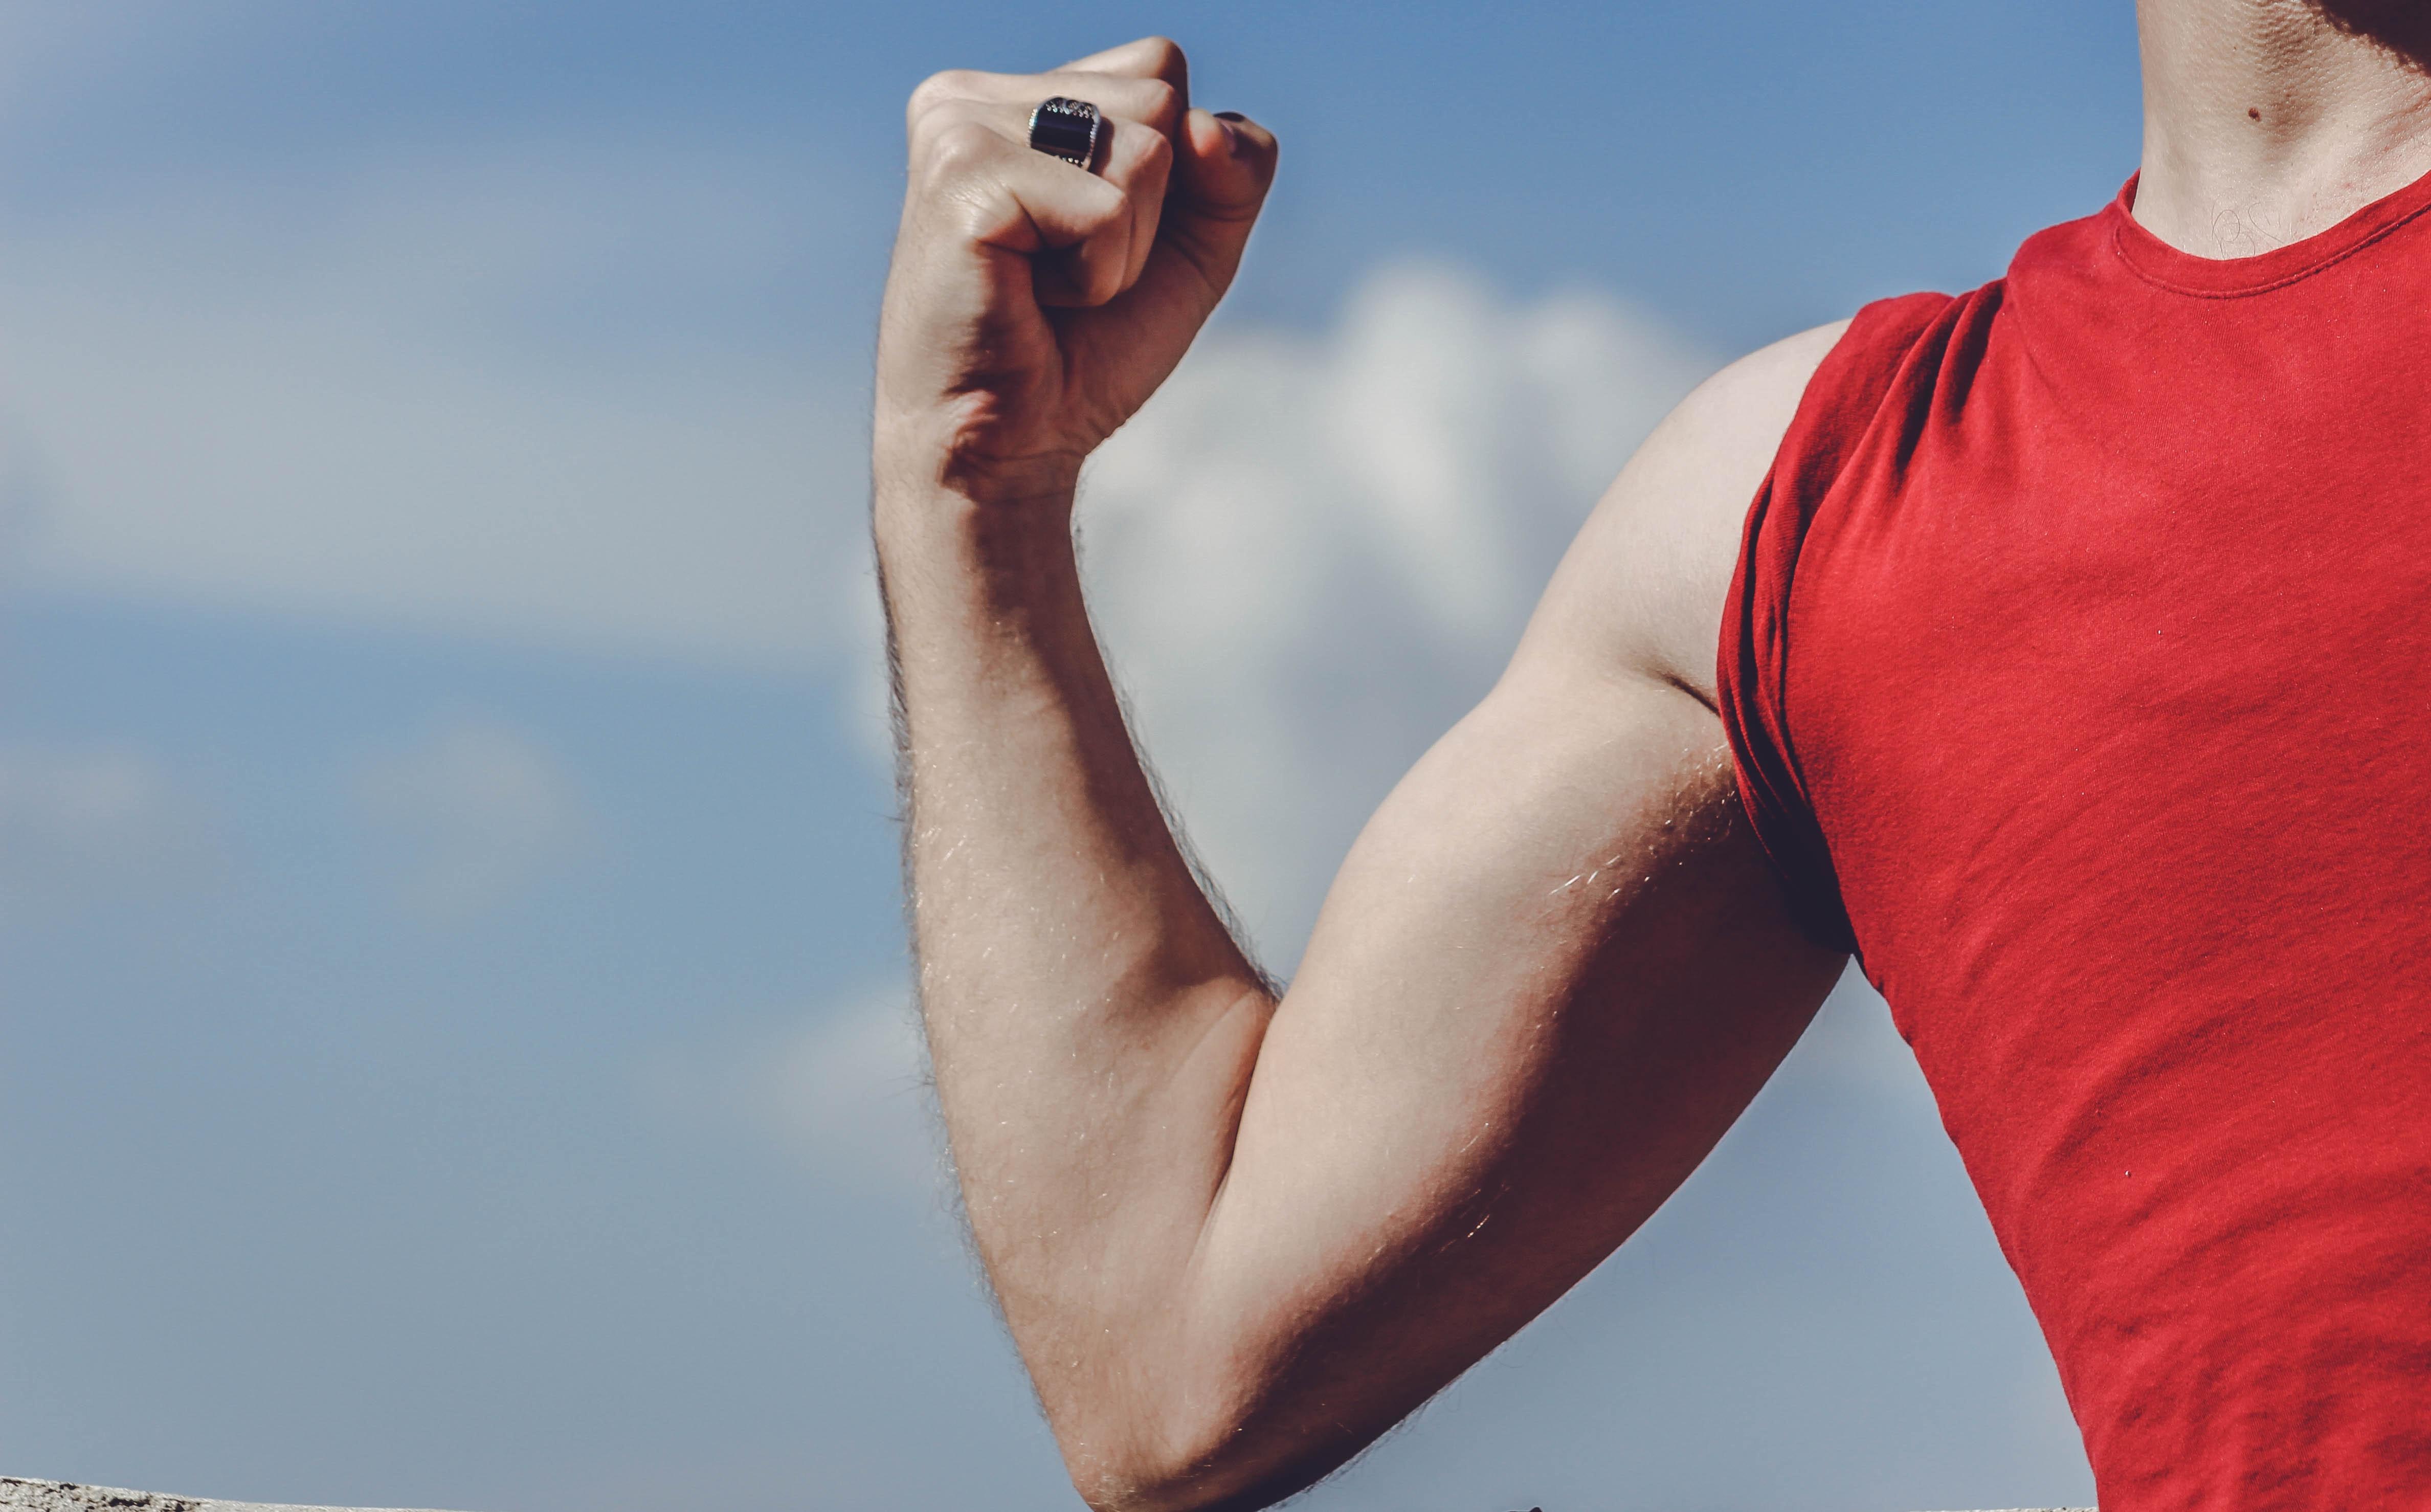 ruka, biceps, červené tričko